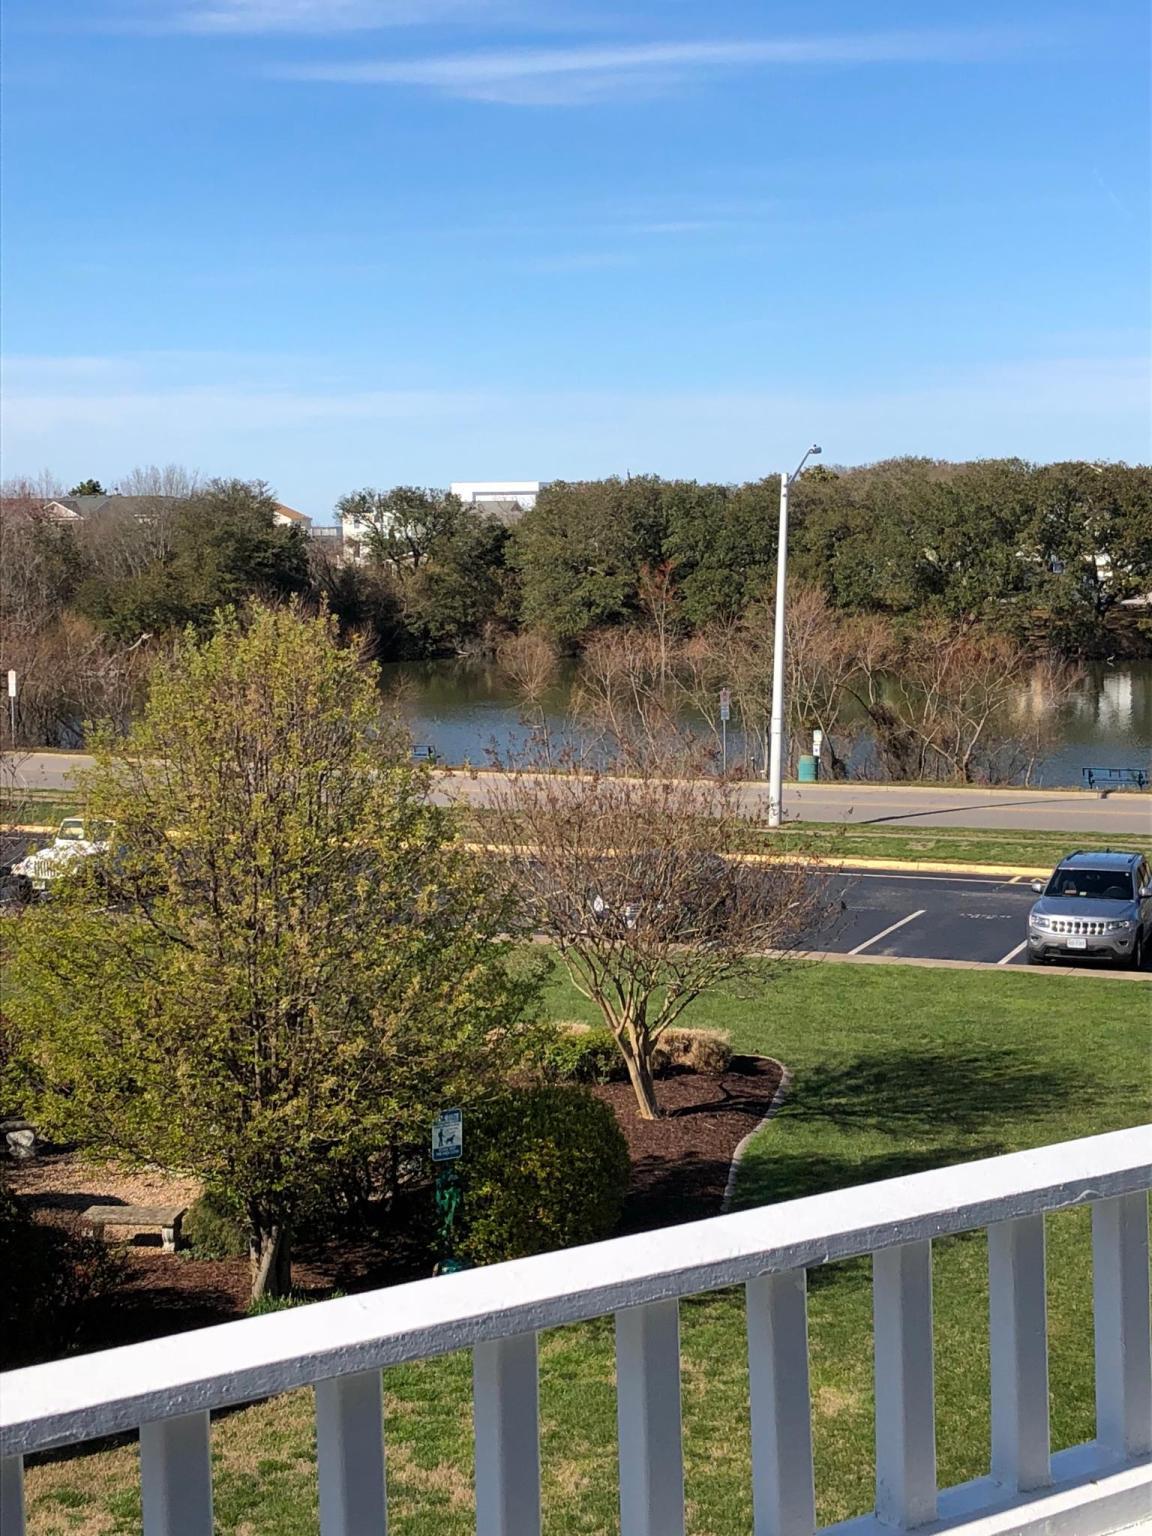 2511 Bridge Side Pl, Virginia Beach, VA 23455 For Rent | Trulia